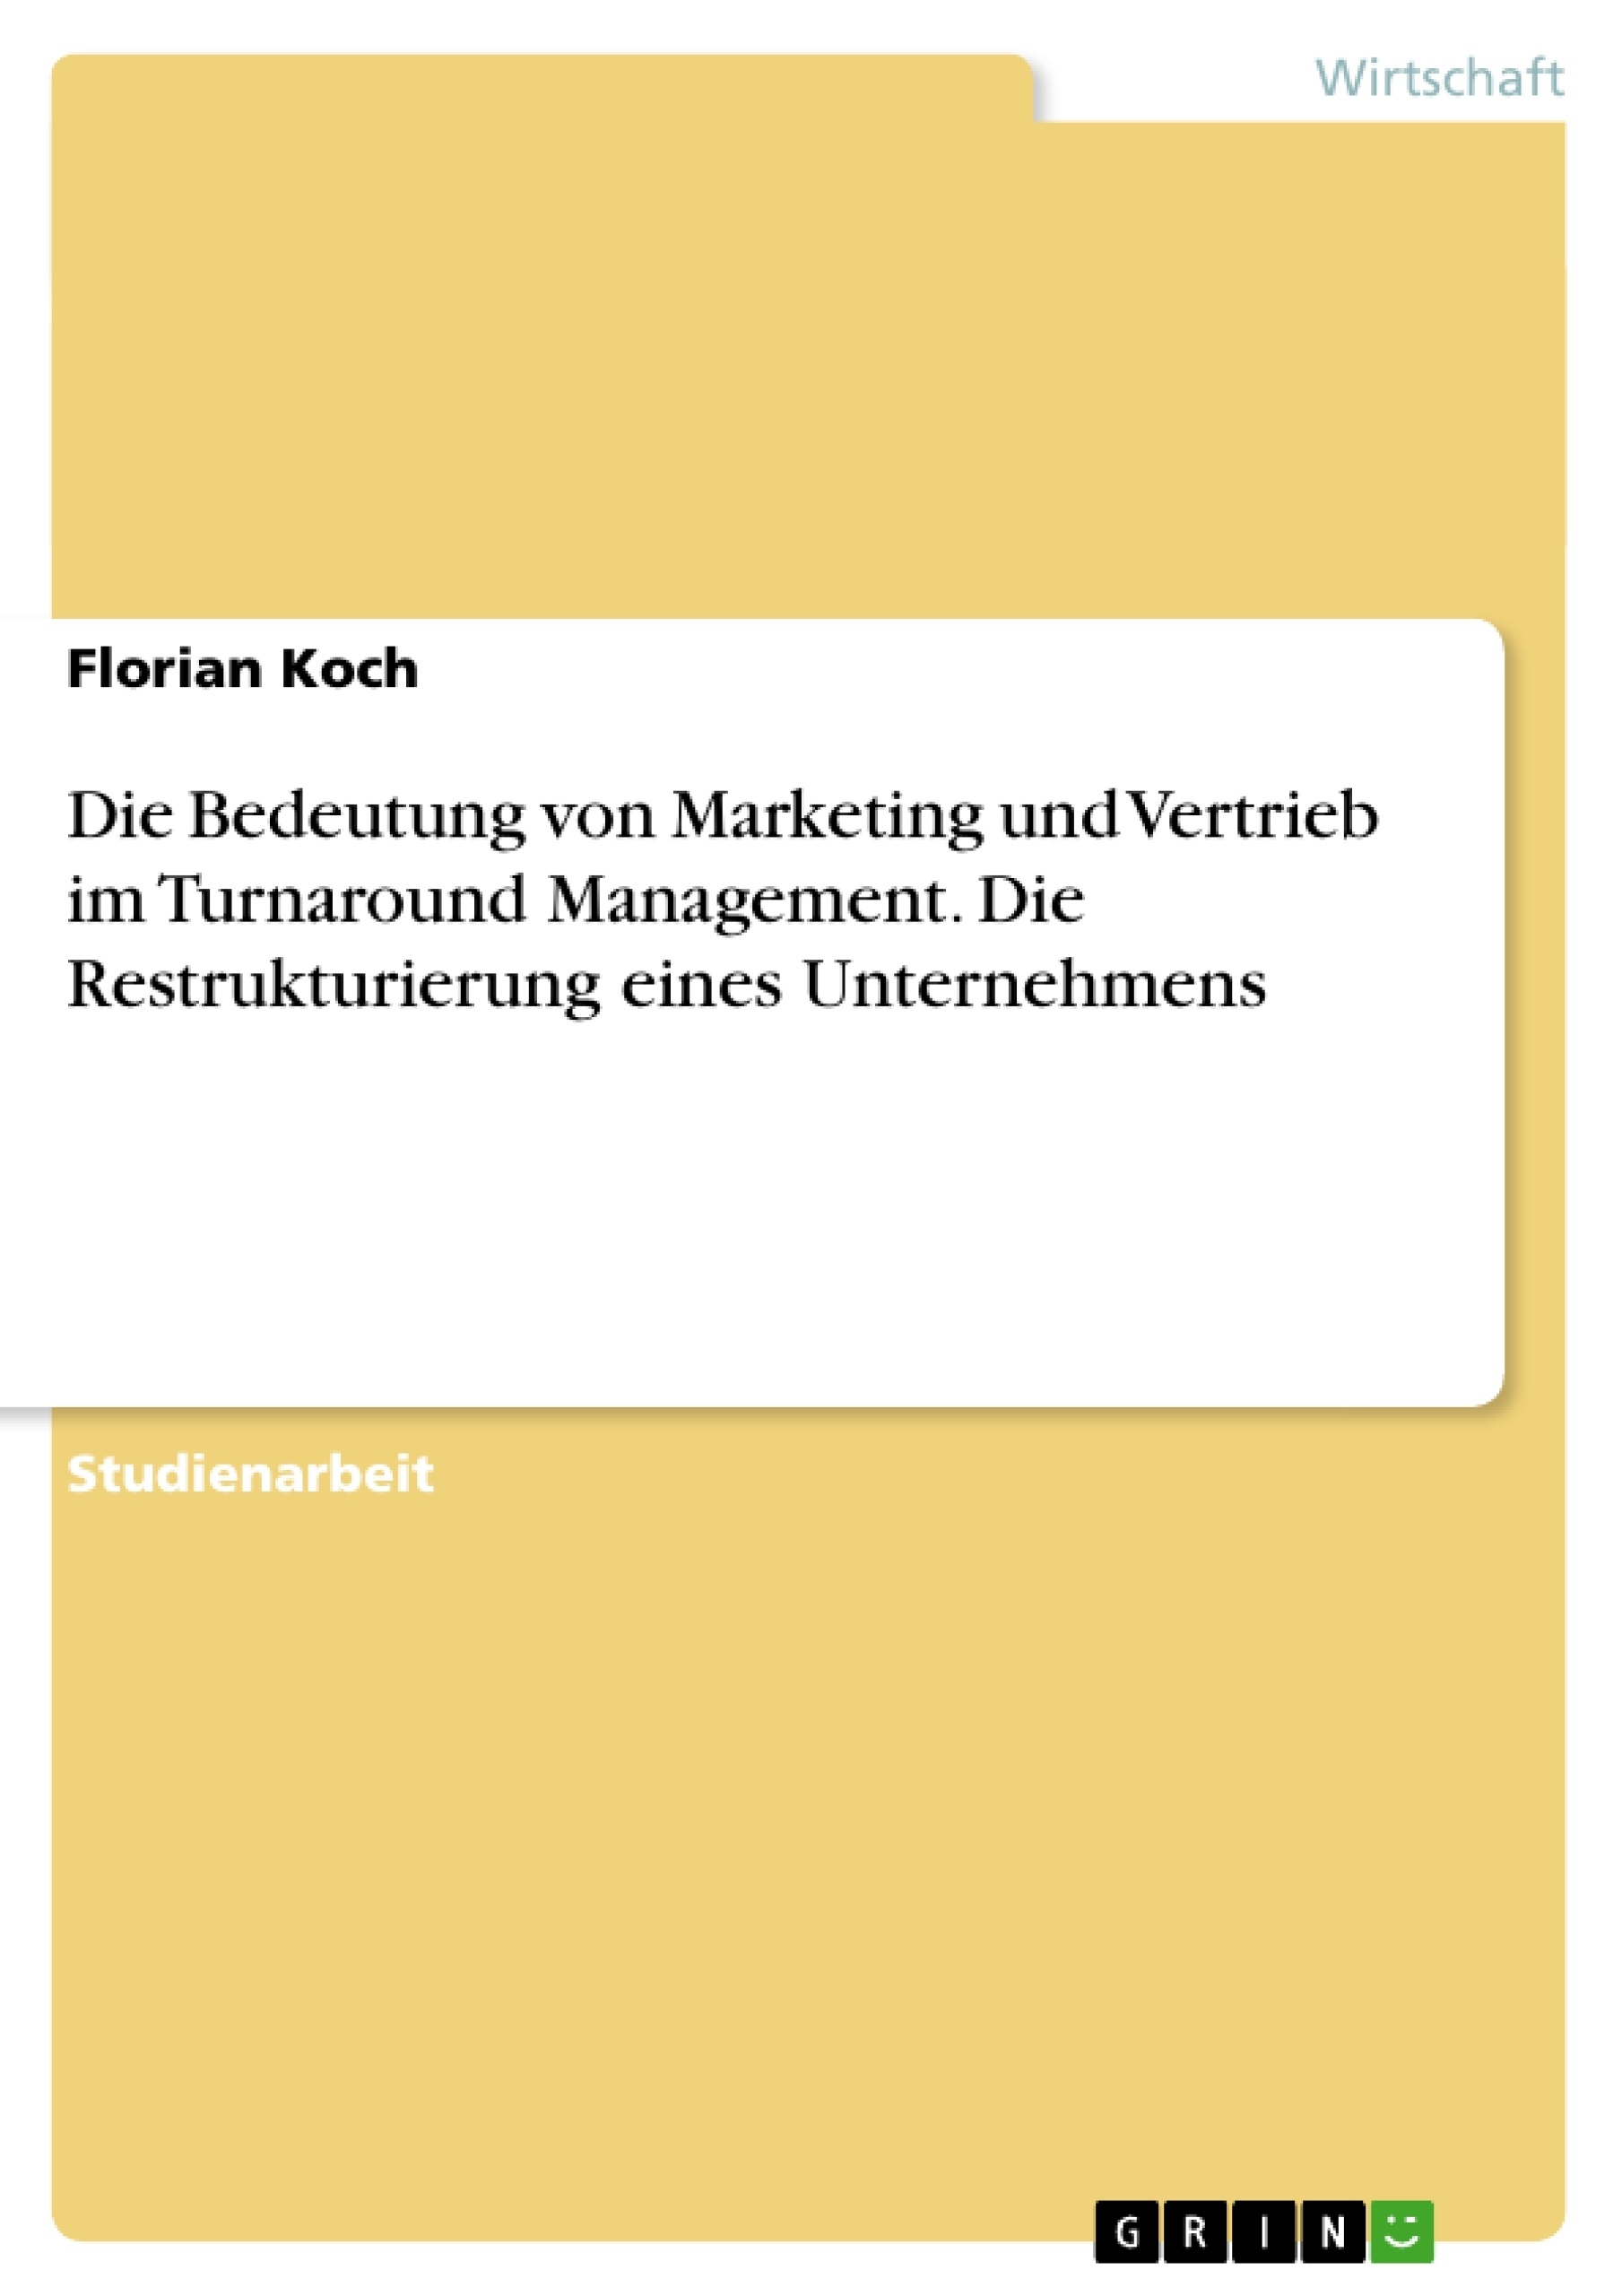 Titel: Die Bedeutung von Marketing und Vertrieb im Turnaround Management. Die Restrukturierung eines Unternehmens